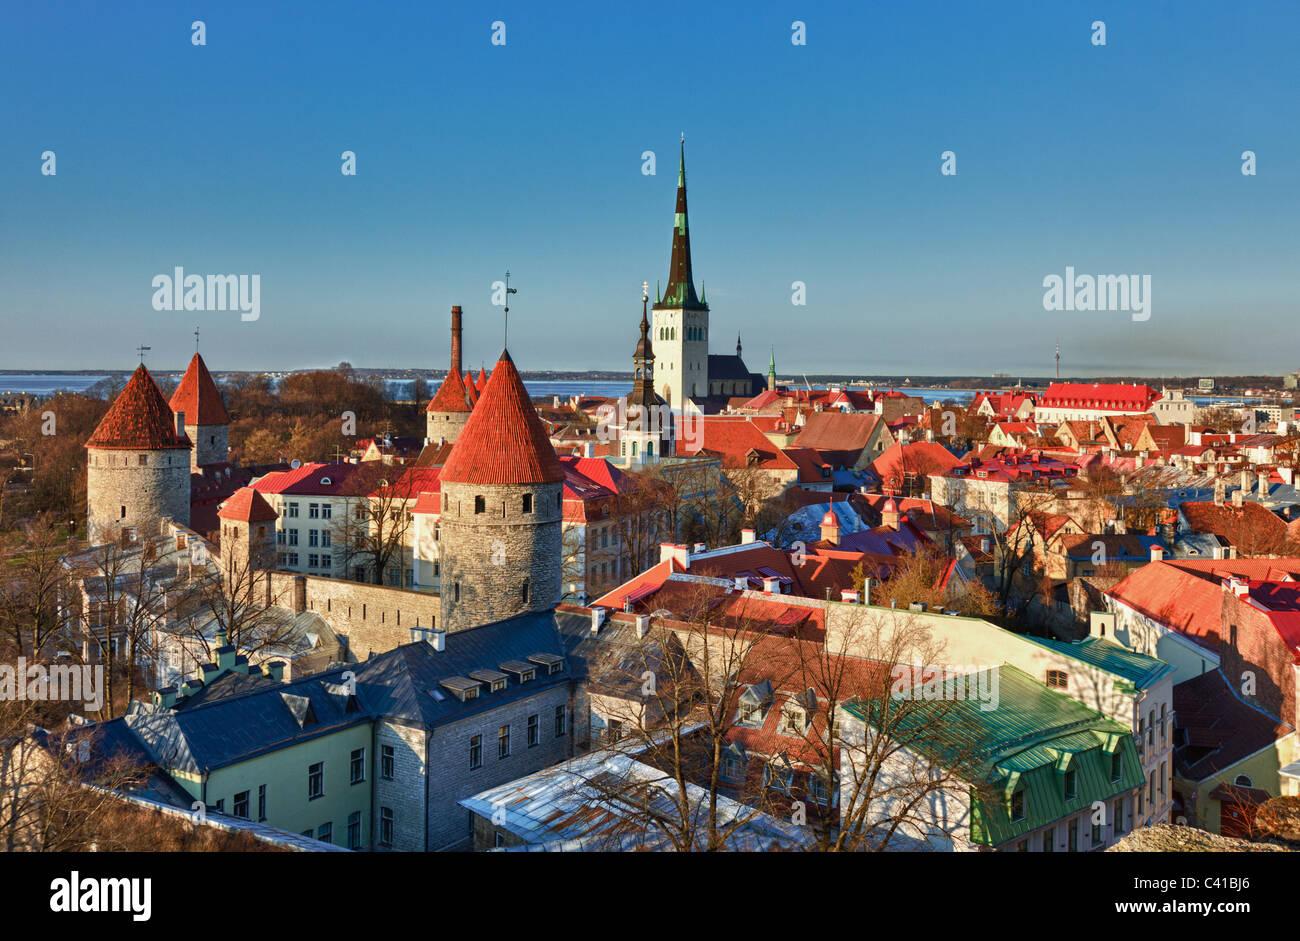 Tallinn, Estonia - skyline / cityscape - Stock Image